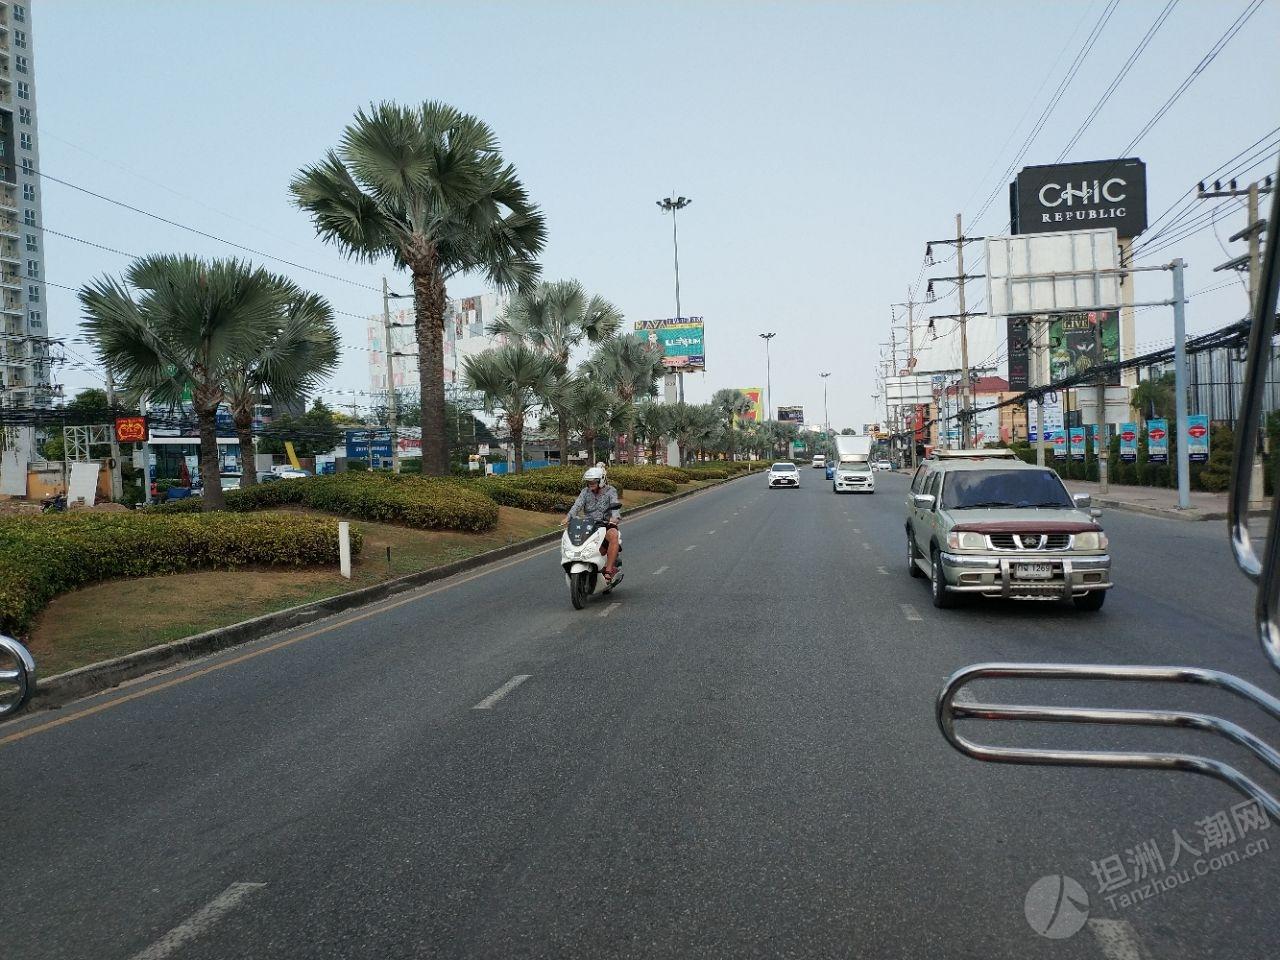 2020.1.12-17泰国开心时光回顾